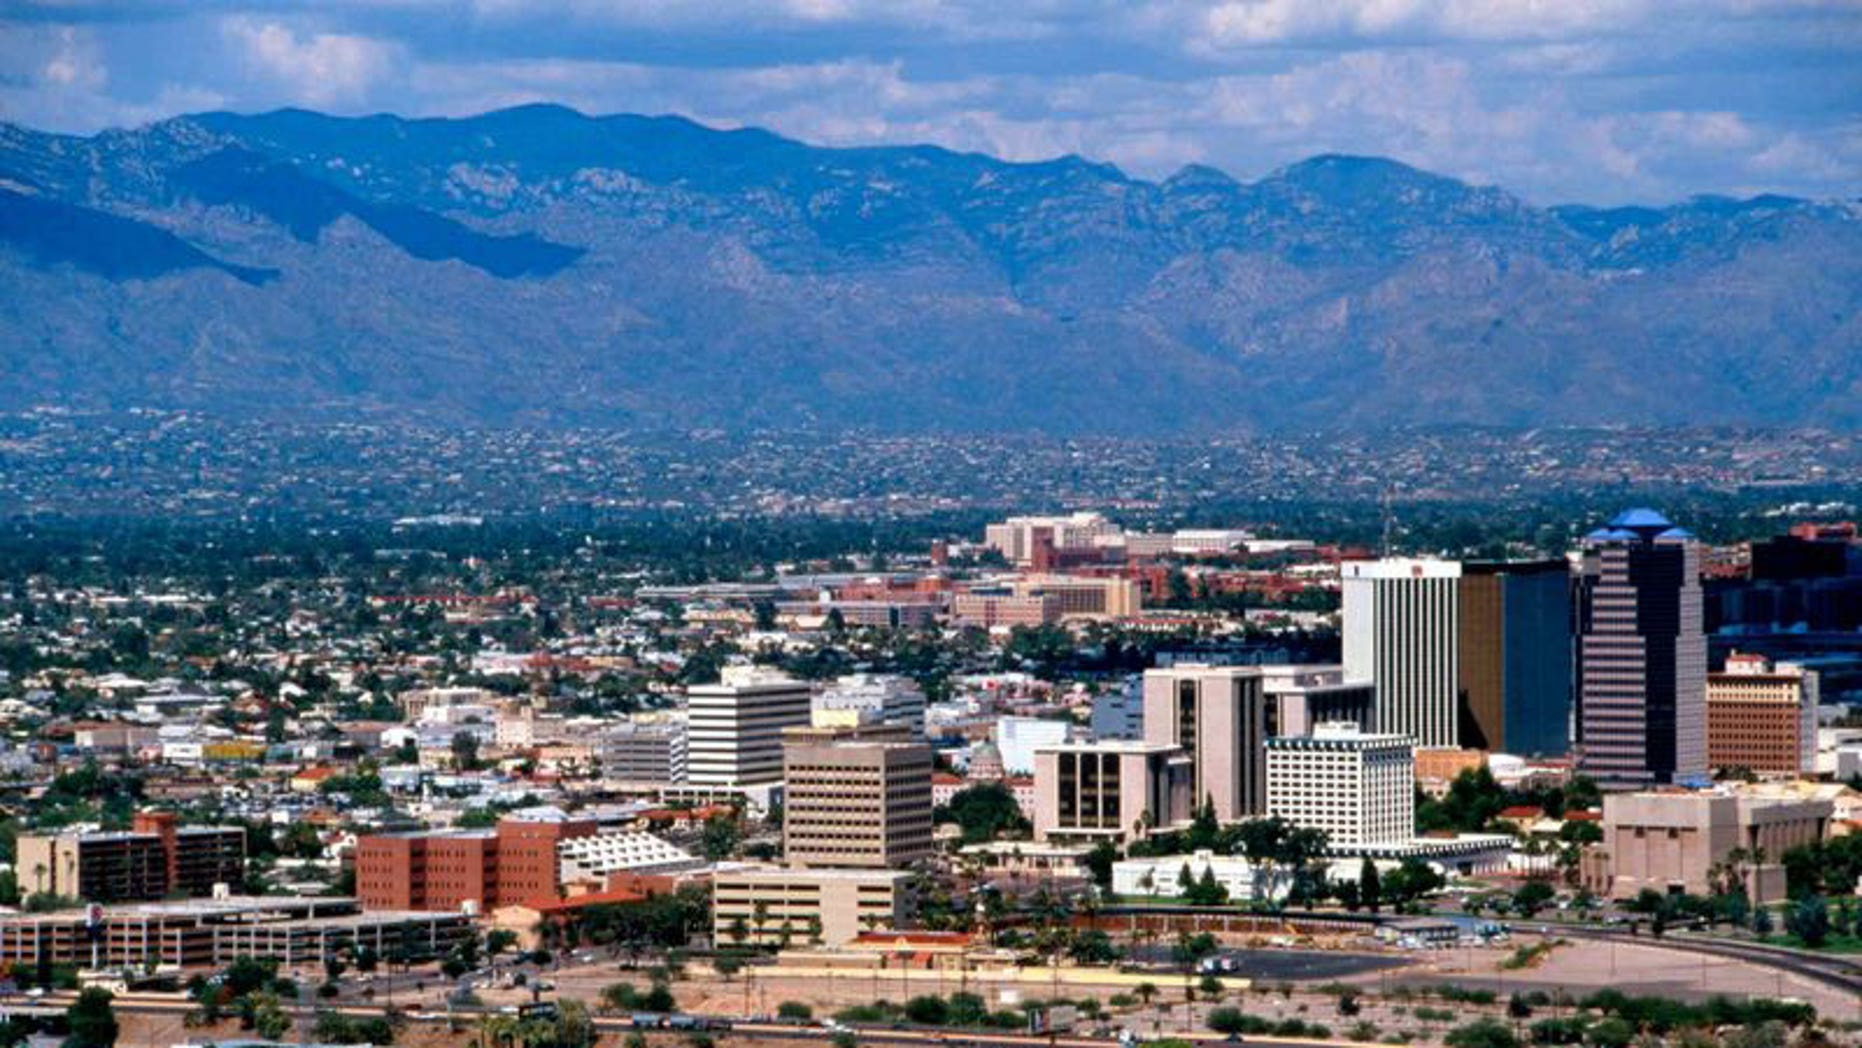 Downtown Tucson (www.ars.usda.gov)